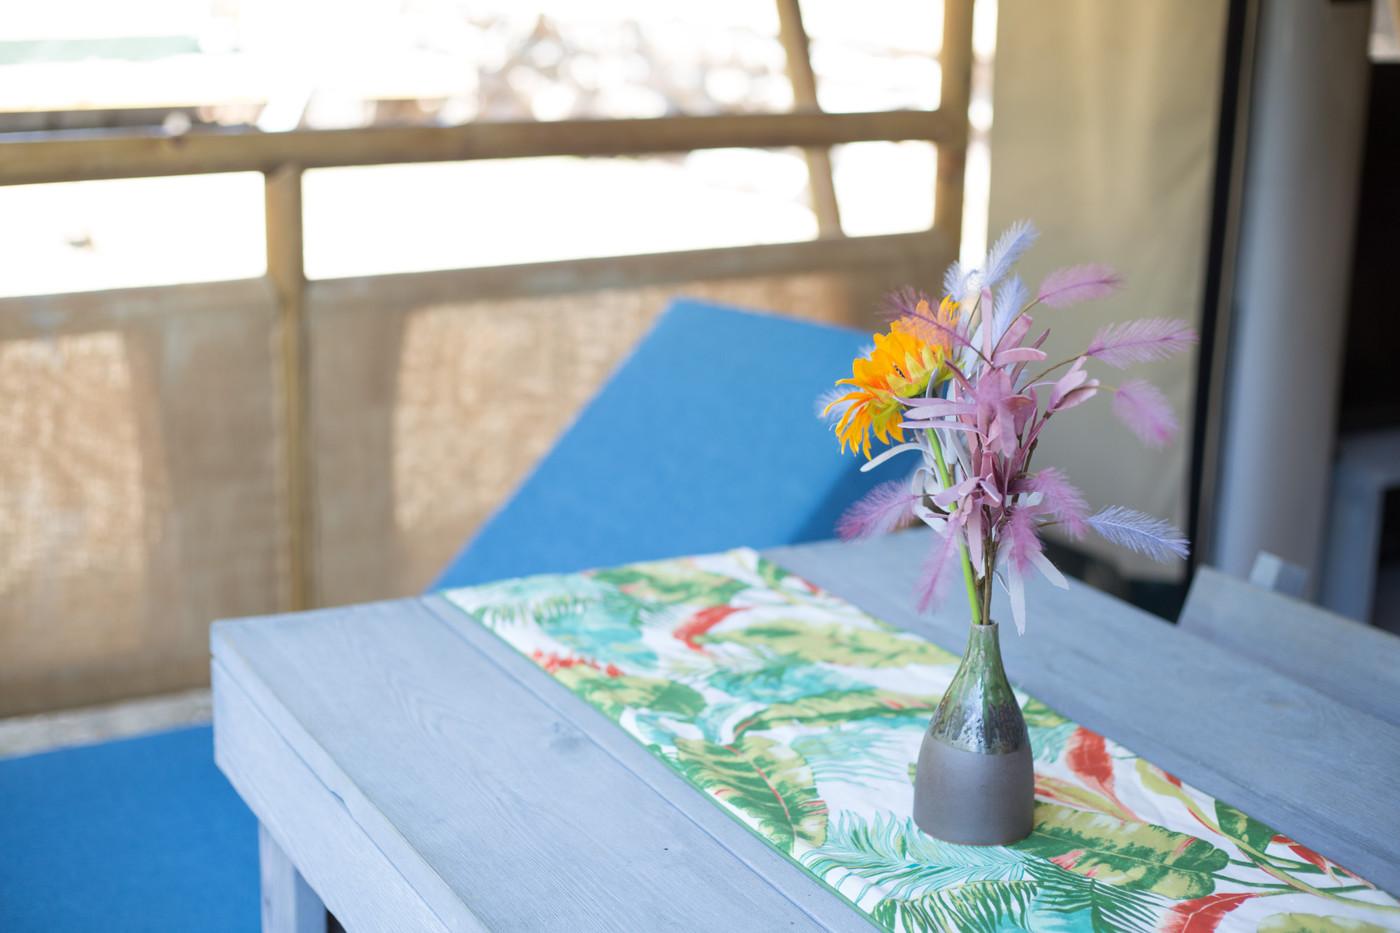 喜马拉雅野奢帐篷酒店一北京石头 剪刀 布一私享院子 54平山谷型  29